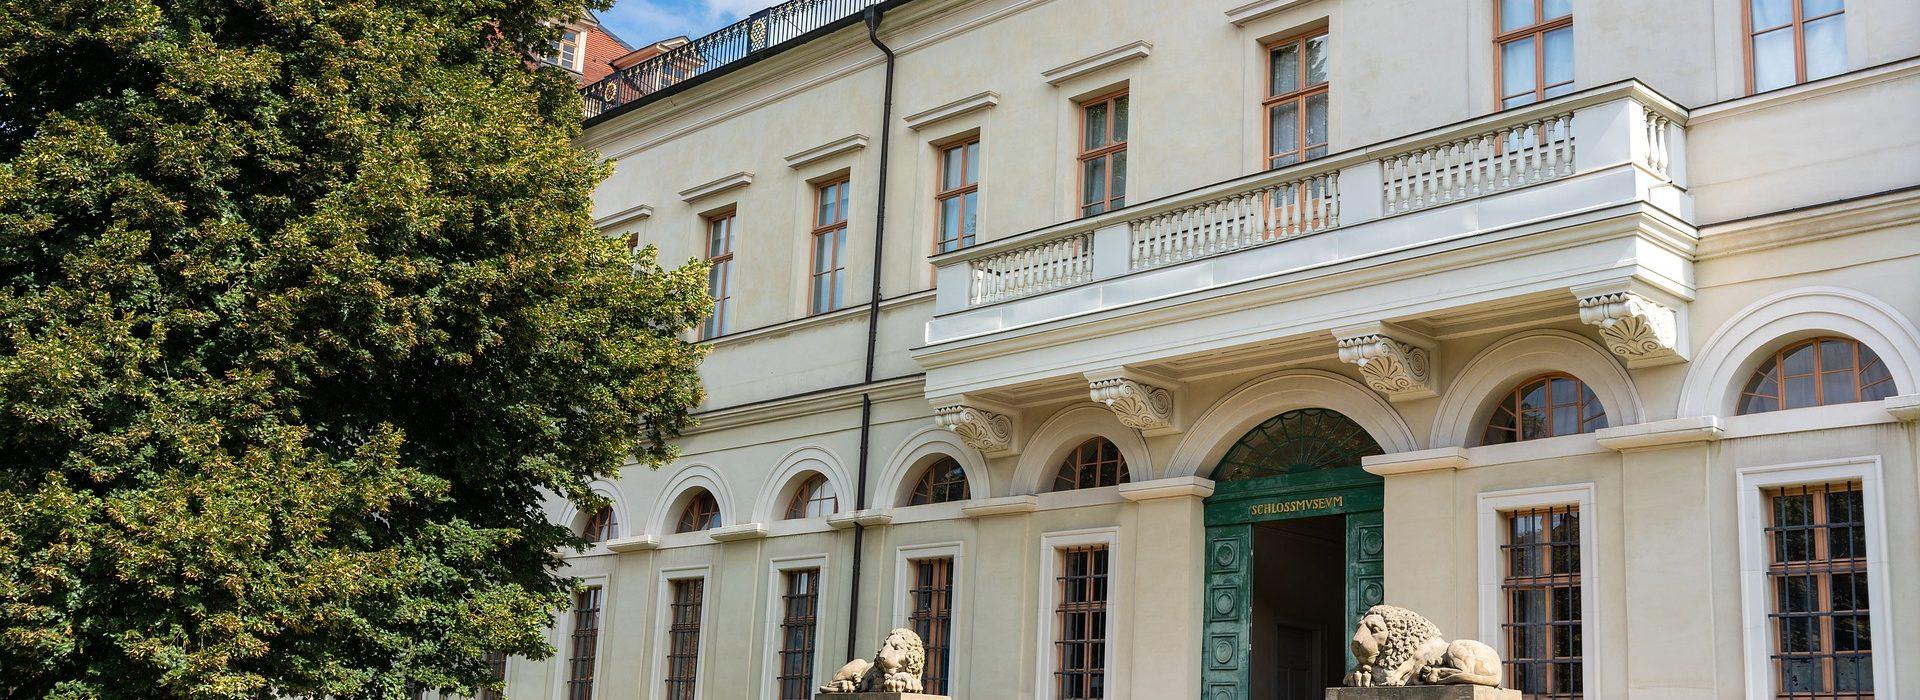 museum-3798672_1920